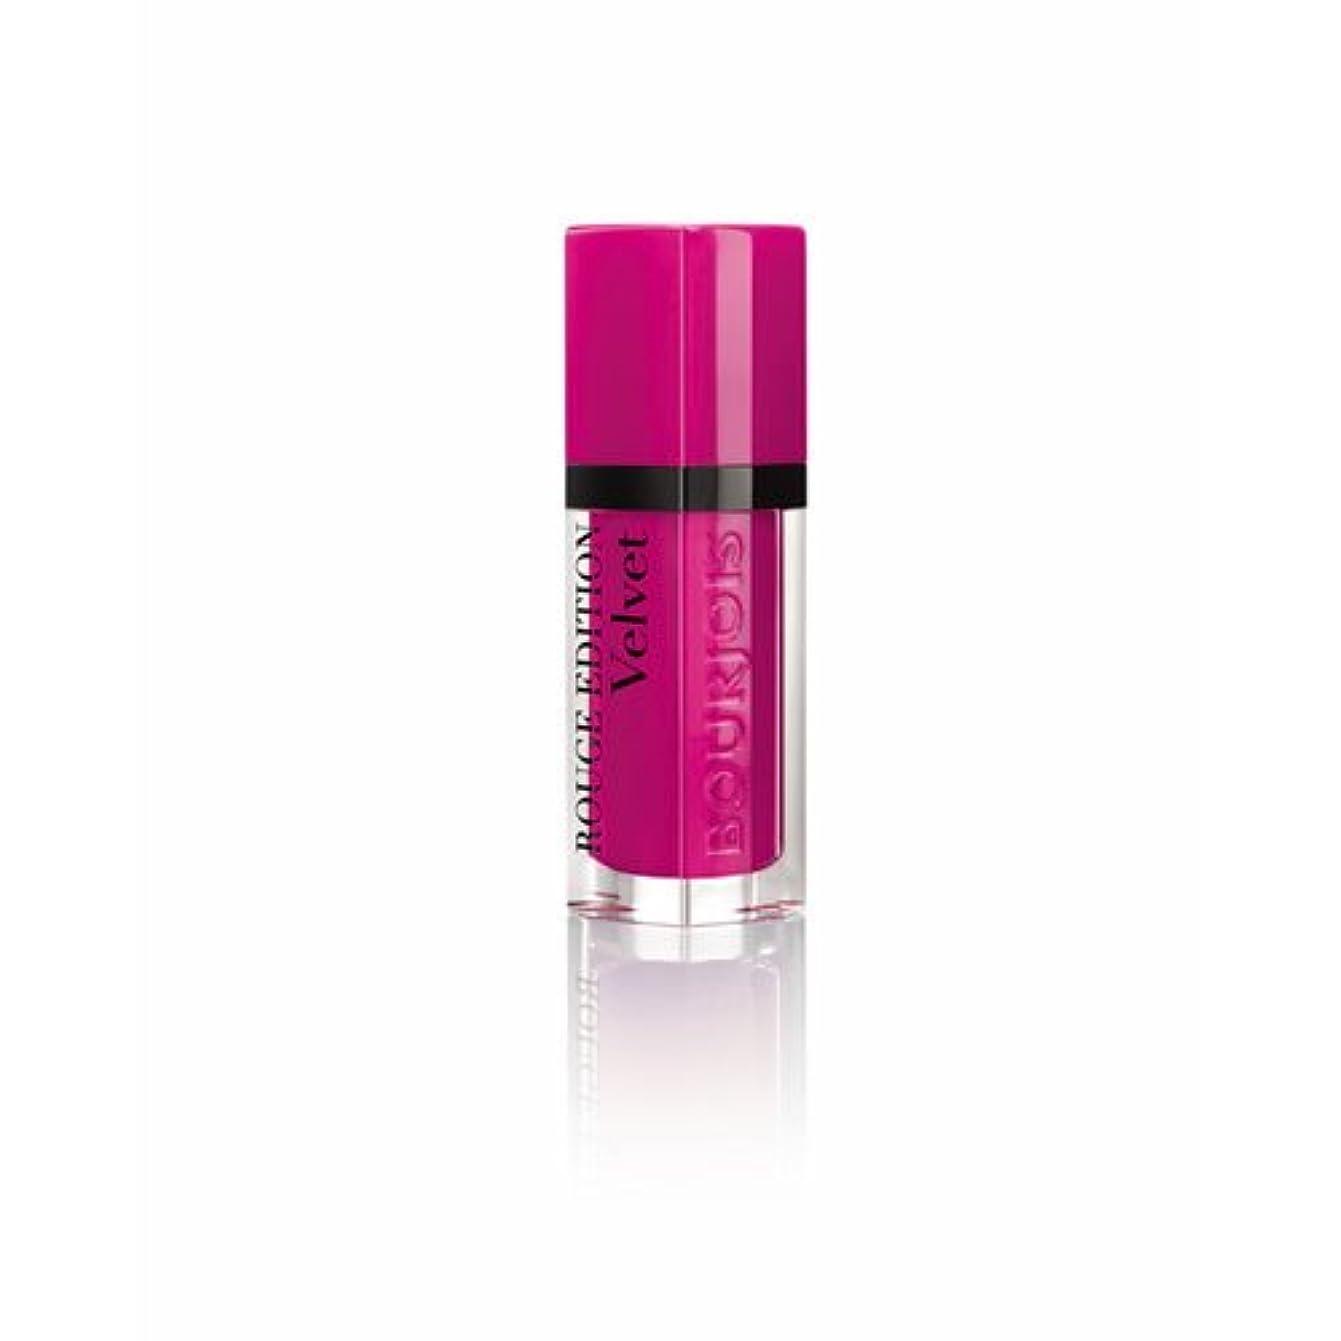 決して気体のフェミニンブルジョワ ルージュエディション ヴェルベット リップスティック (06 ピンク ポング) BOURJOIS ROUGE EDITION VELVET LIPSTICK 06 Pink Pong(ポスト投函対応) [並行輸入品]